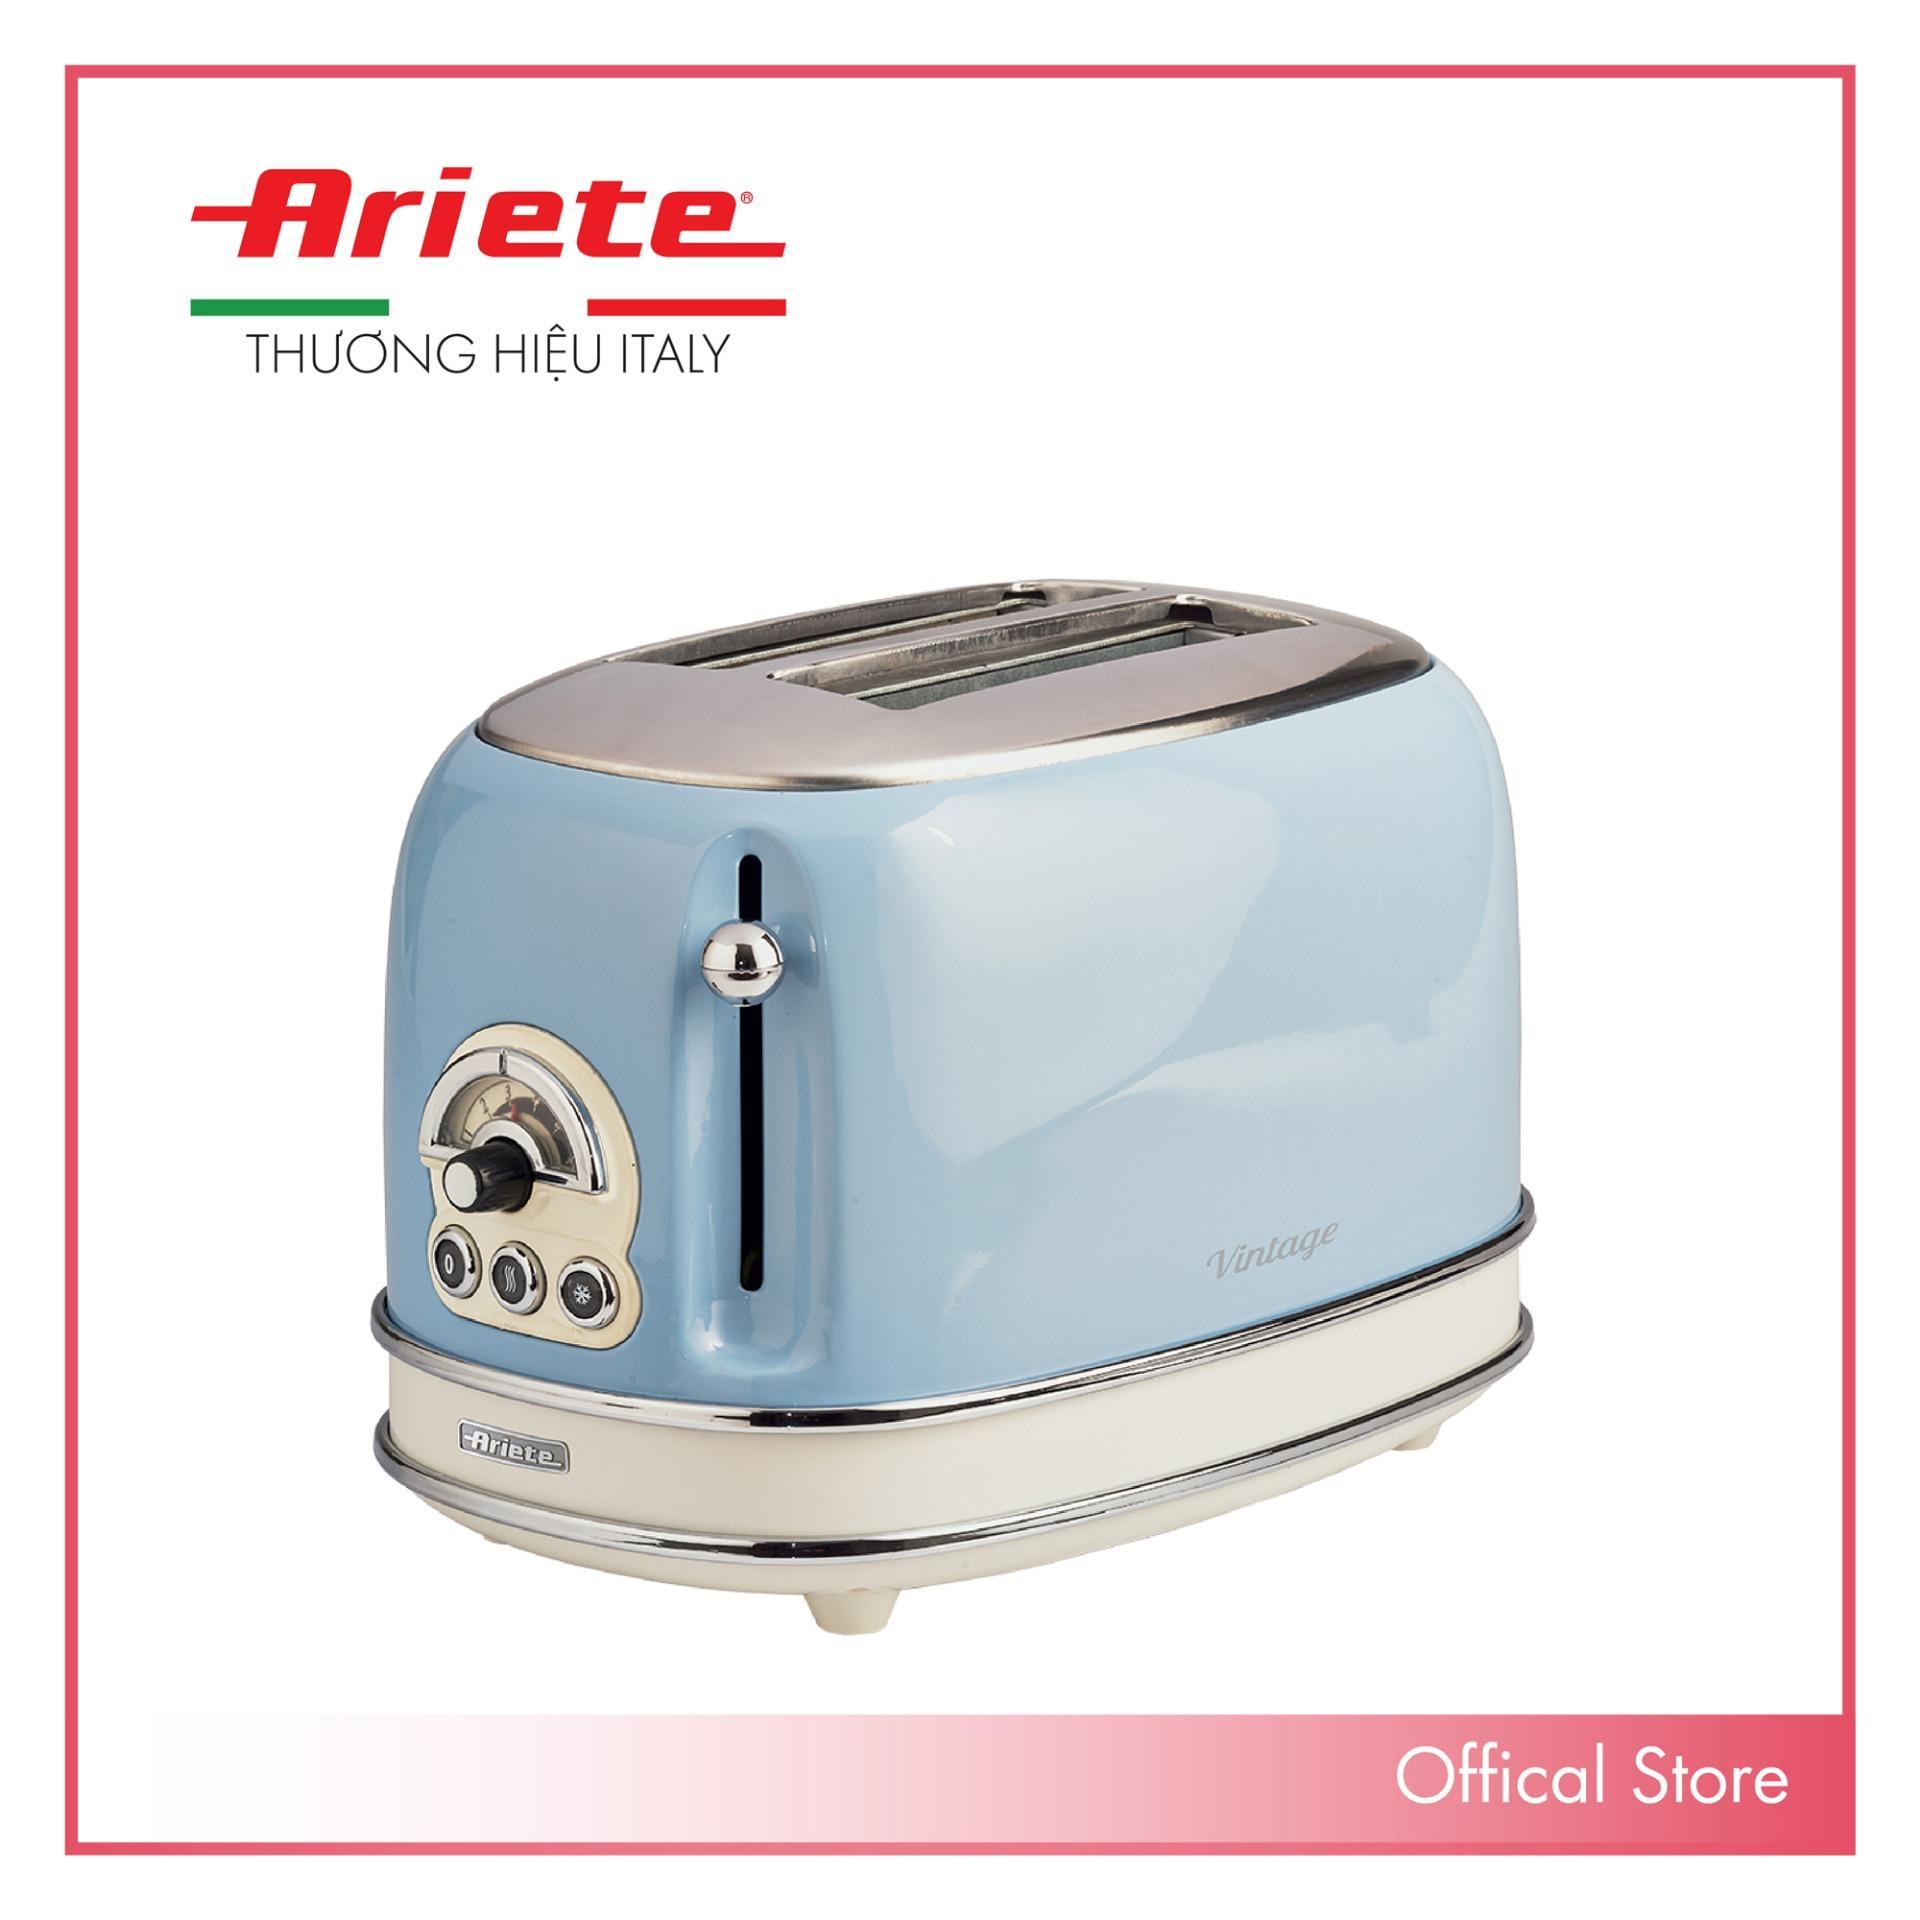 Nướng bánh mỳ 2 khay  (Màu xanh da trời) Ariete  MOD. 0155/15